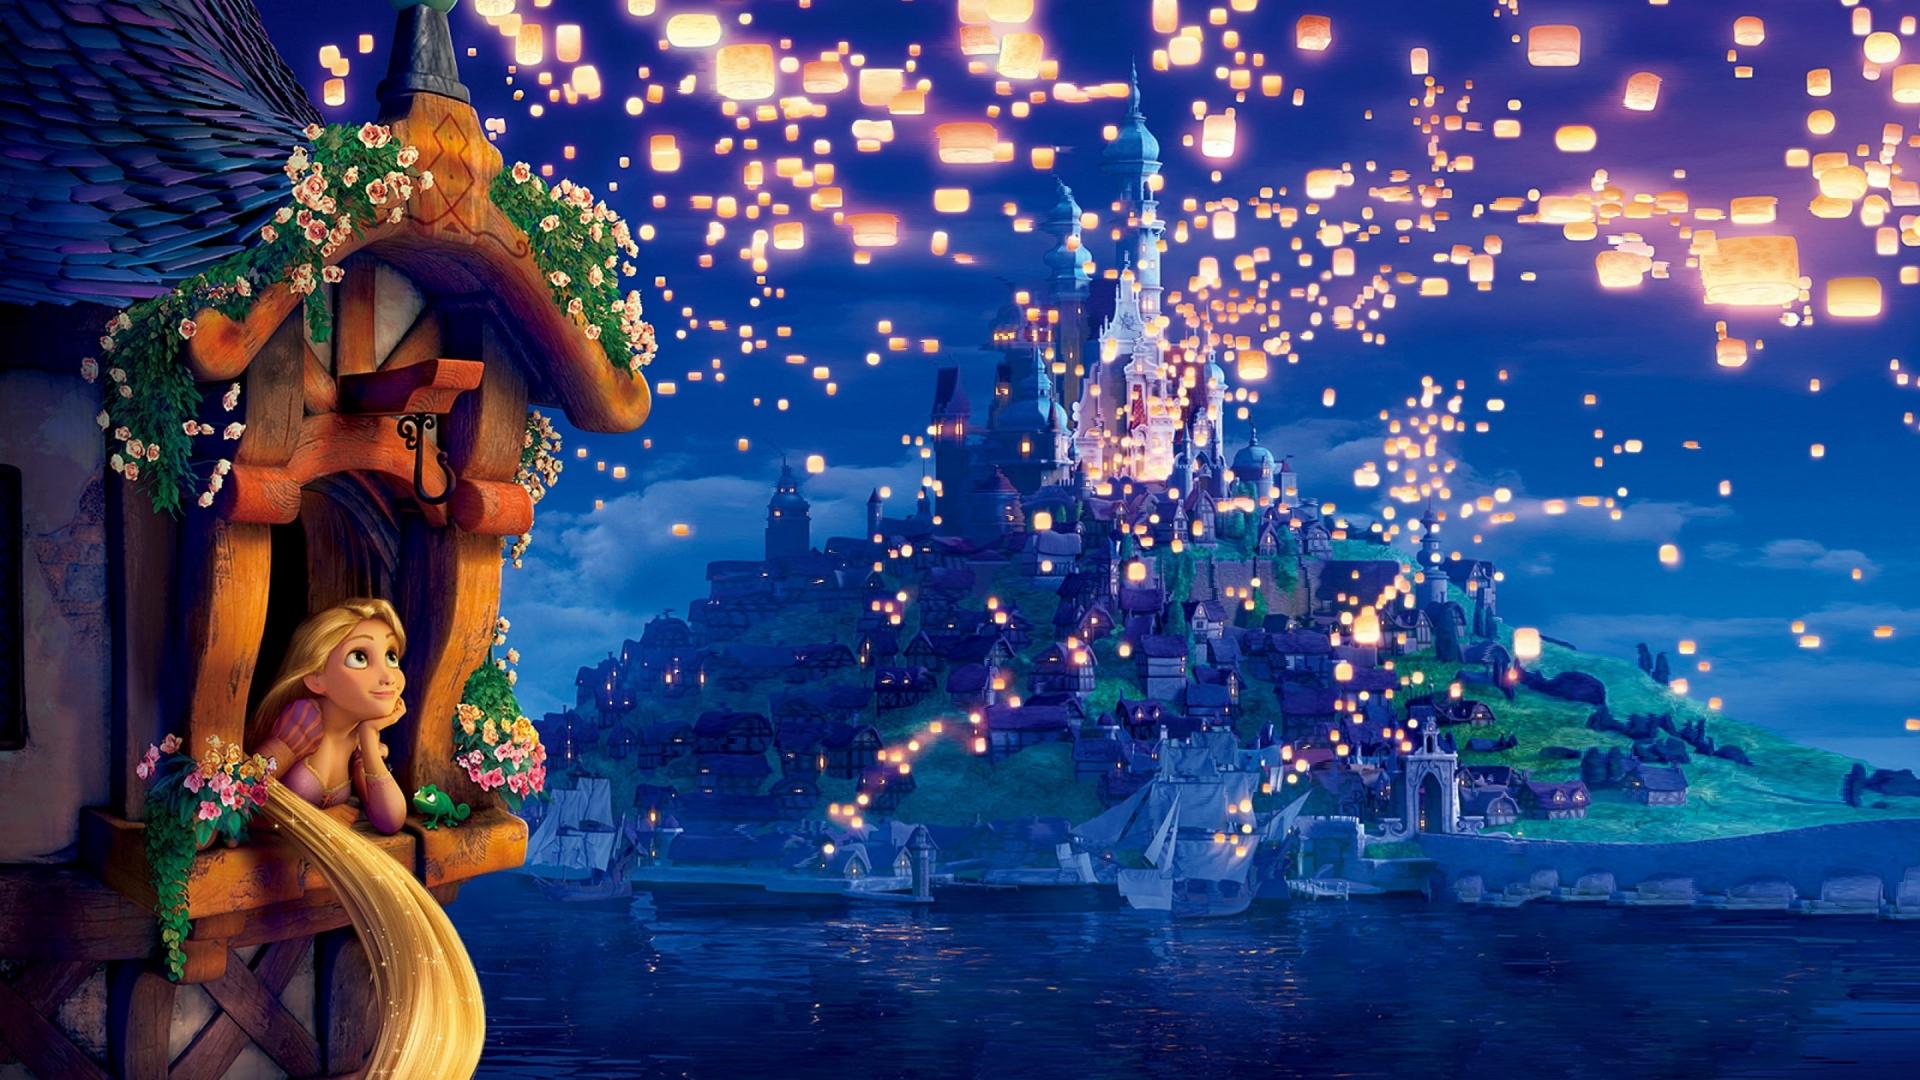 Free Download Fonds Dcran Disney Tous Les Wallpapers Disney 2880x1800 For Your Desktop Mobile Tablet Explore 49 Disney Fall Wallpaper Walt Disney Wallpaper Free Computer Wallpaper Disney Parks Blog Wallpaper